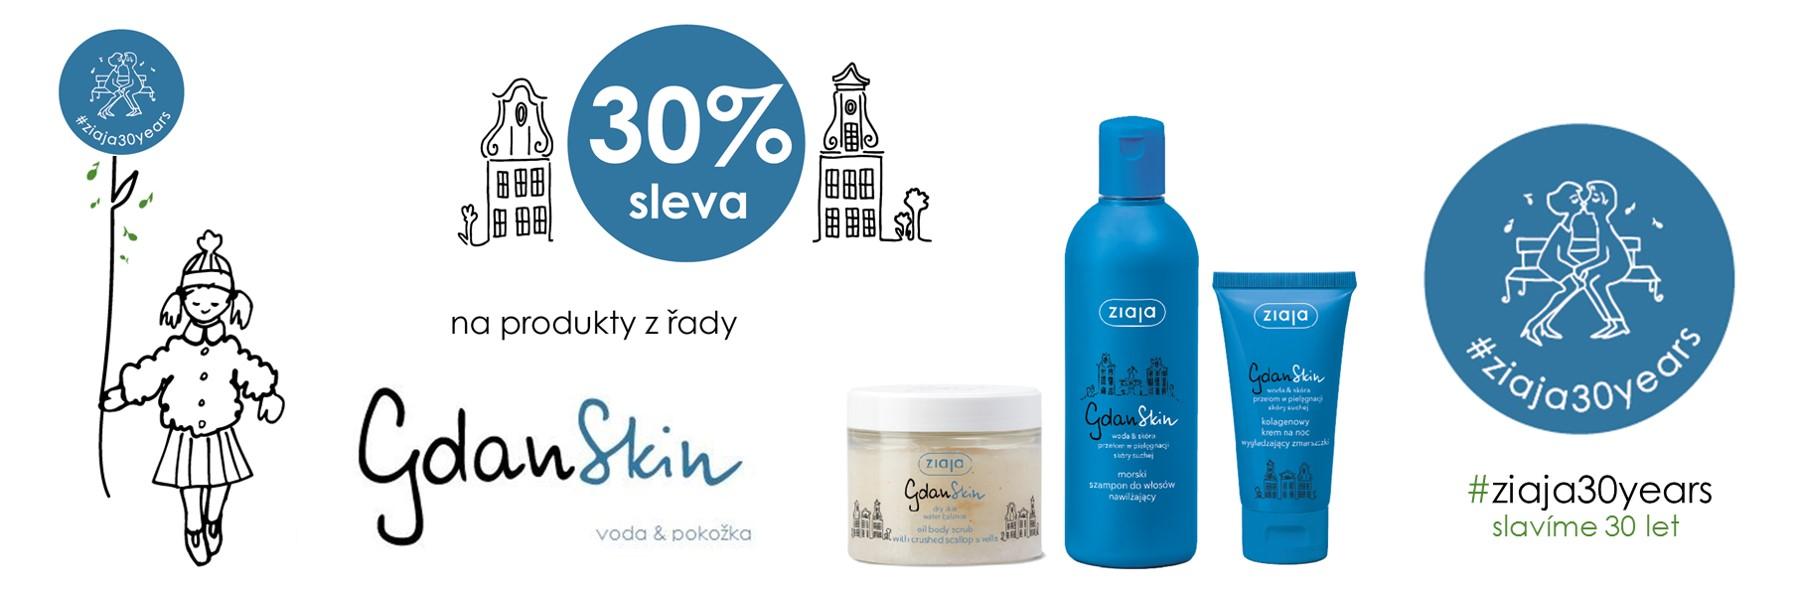 #30years_Gdanskin-30%